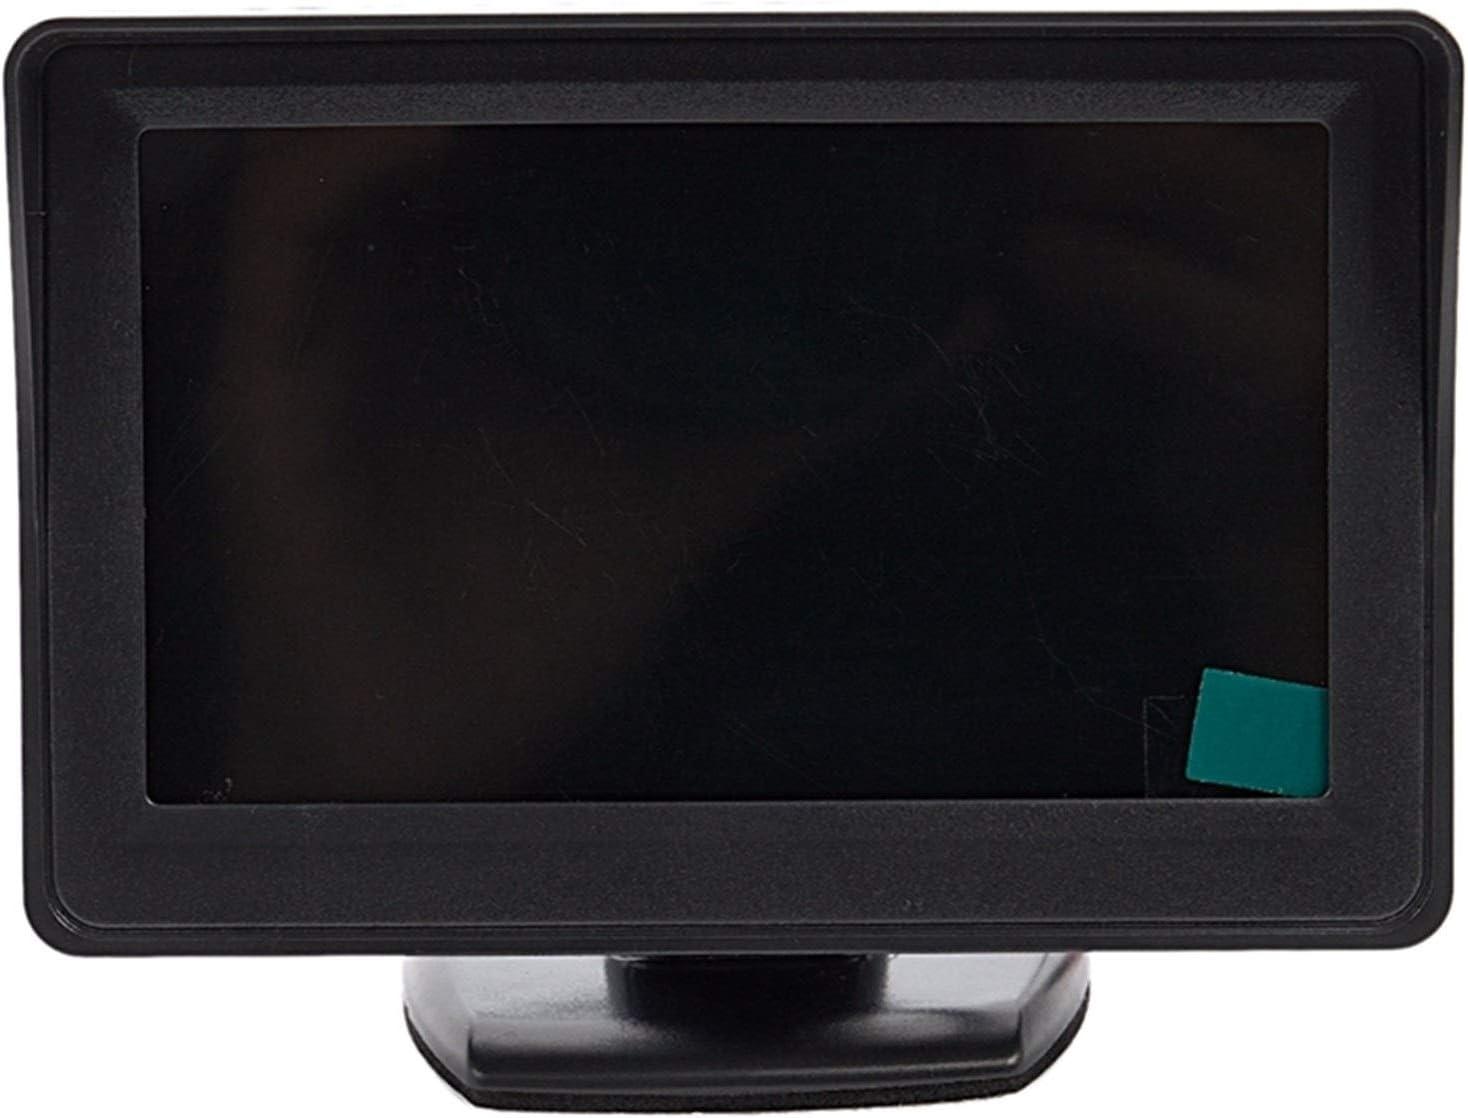 Cámara marcha atrás 2 En 1 Aparcamiento System Kit 4.3 Pulgadas TFT LCD En Color Vista Posterior Pantalla + Impermeable Que Invierte La Cámara De Copia De Seguridad Cámara Visión Trasera Visión Traser